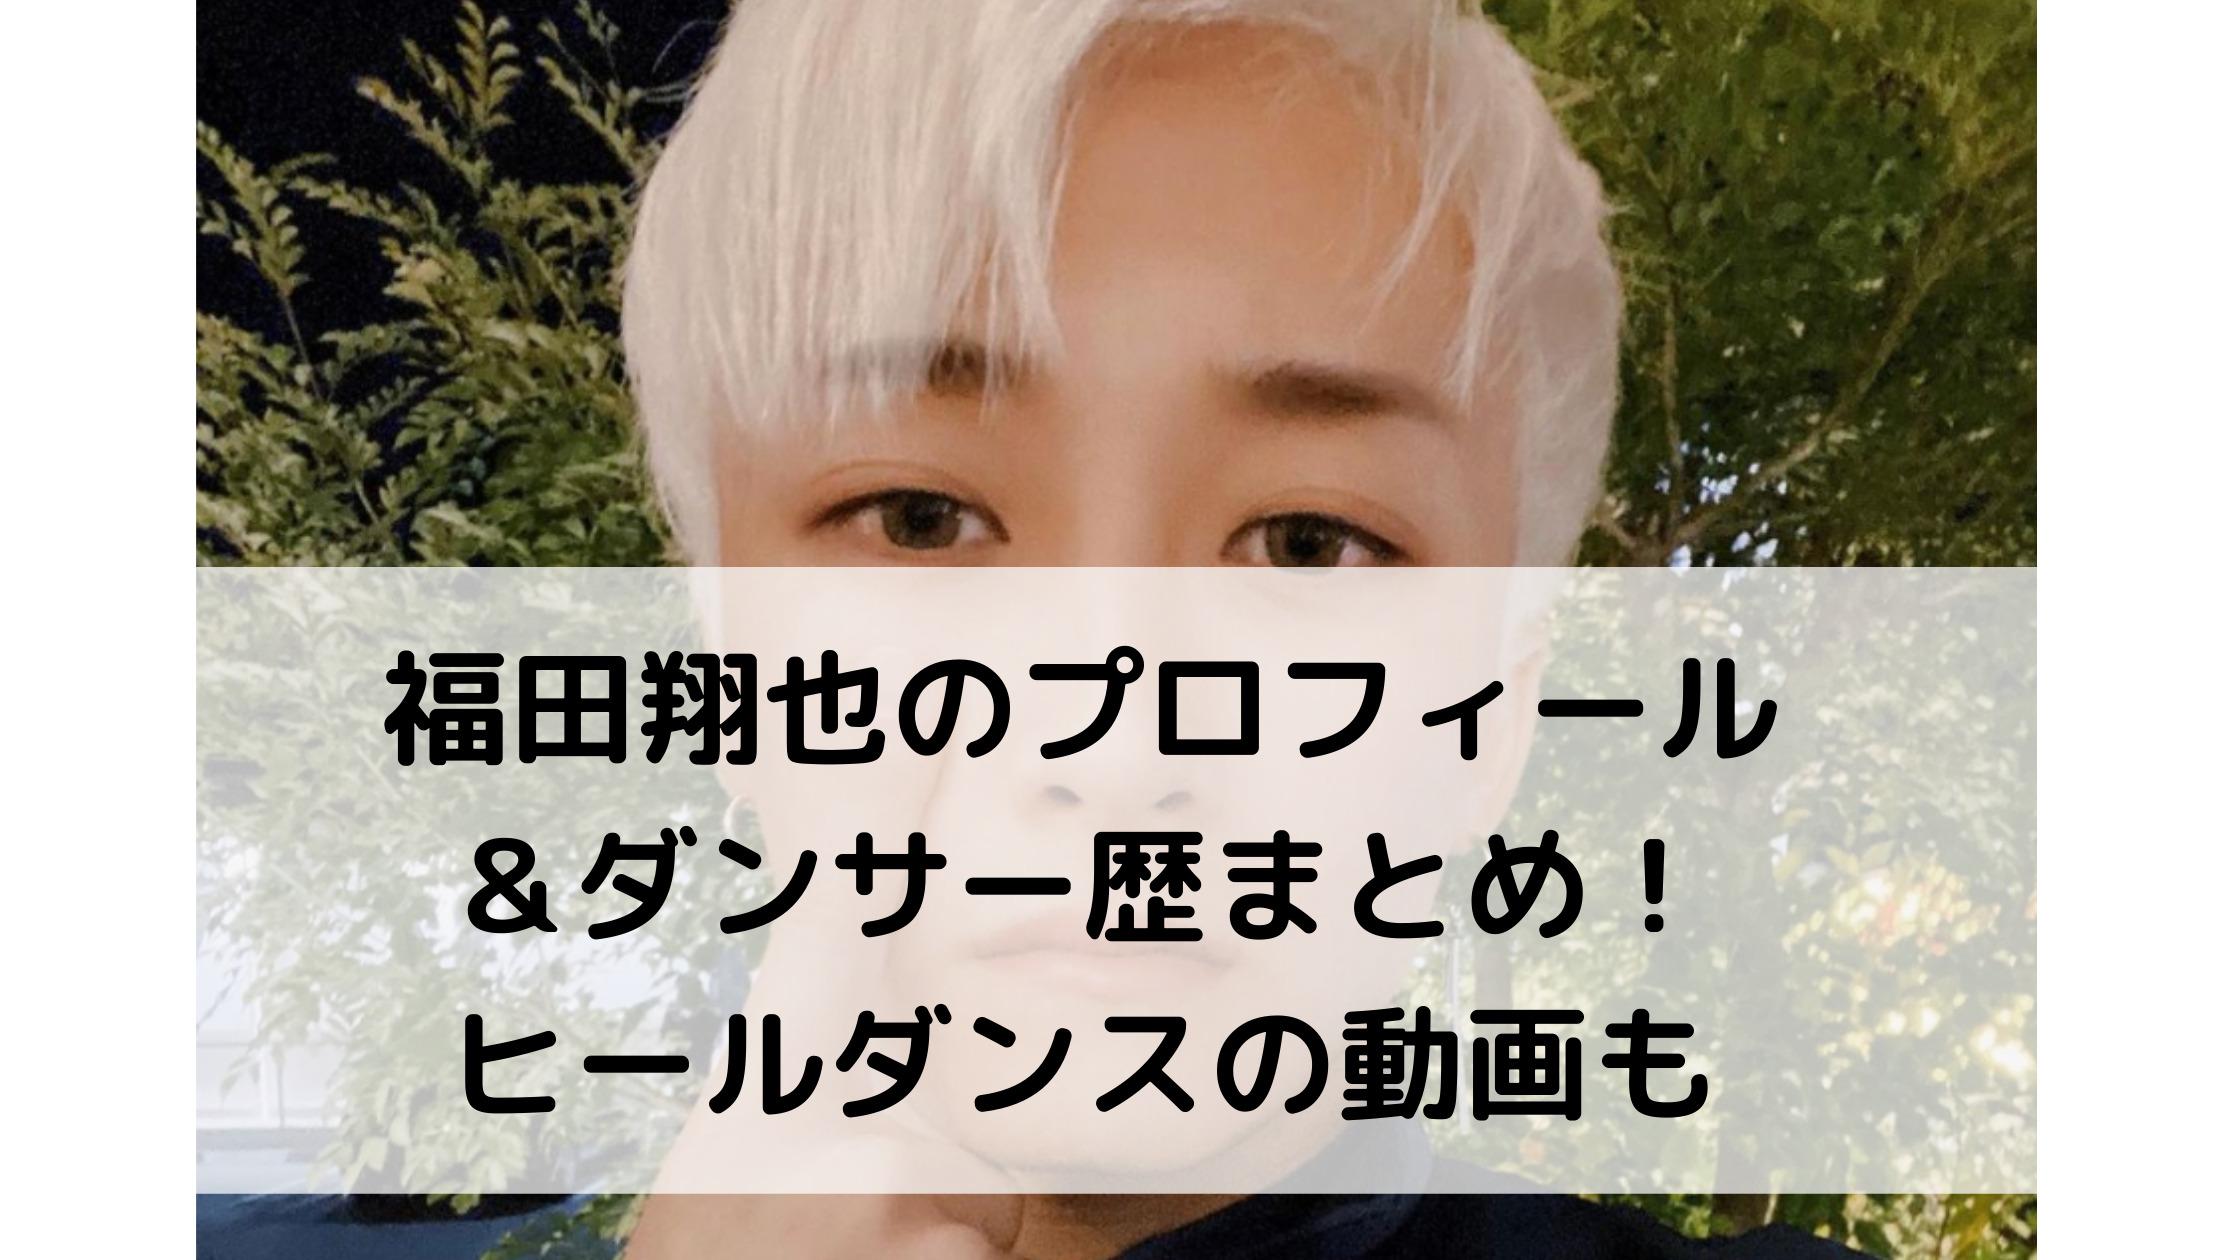 福田翔也のプロフィール&ダンサー歴まとめ!ヒールダンスの動画も